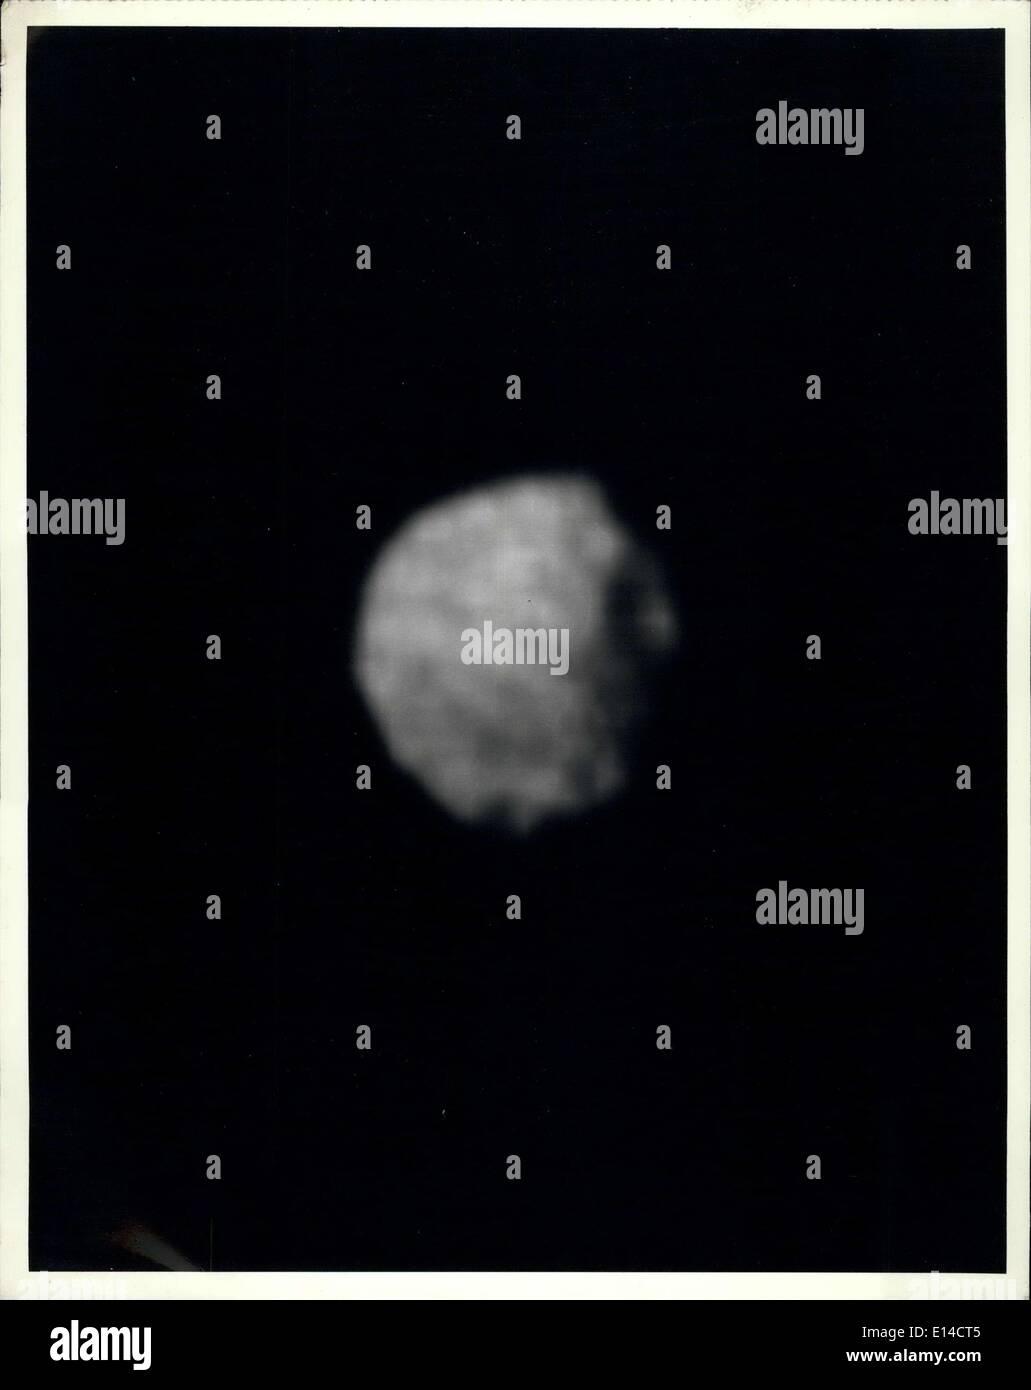 Apr. 17, 2012 - questo mosaico di quattro - più alta risoluzione di immagini di Ariel rappresenta il più dettagliato Voyager 2 foto di questo satellite di Urano. Le immagini sono state prese attraverso il filtro chiaro di Voyager stretto -angolo fotocamera su Gen, 1986, a una distanza di circa 130.000 km (80.000 miglia). Ariel circa 1.200 km (750 mi) in diametro, la risoluzione qui è di 2,4 km (1,5 mi). Molto di Ariel;'s superficie è densamente snocciolate con crateri da 5 a 10 km (da 3 a 6 mi) attraverso. Questi crateri sono vicini alla soglia di rilevazione in questa foto Immagini Stock